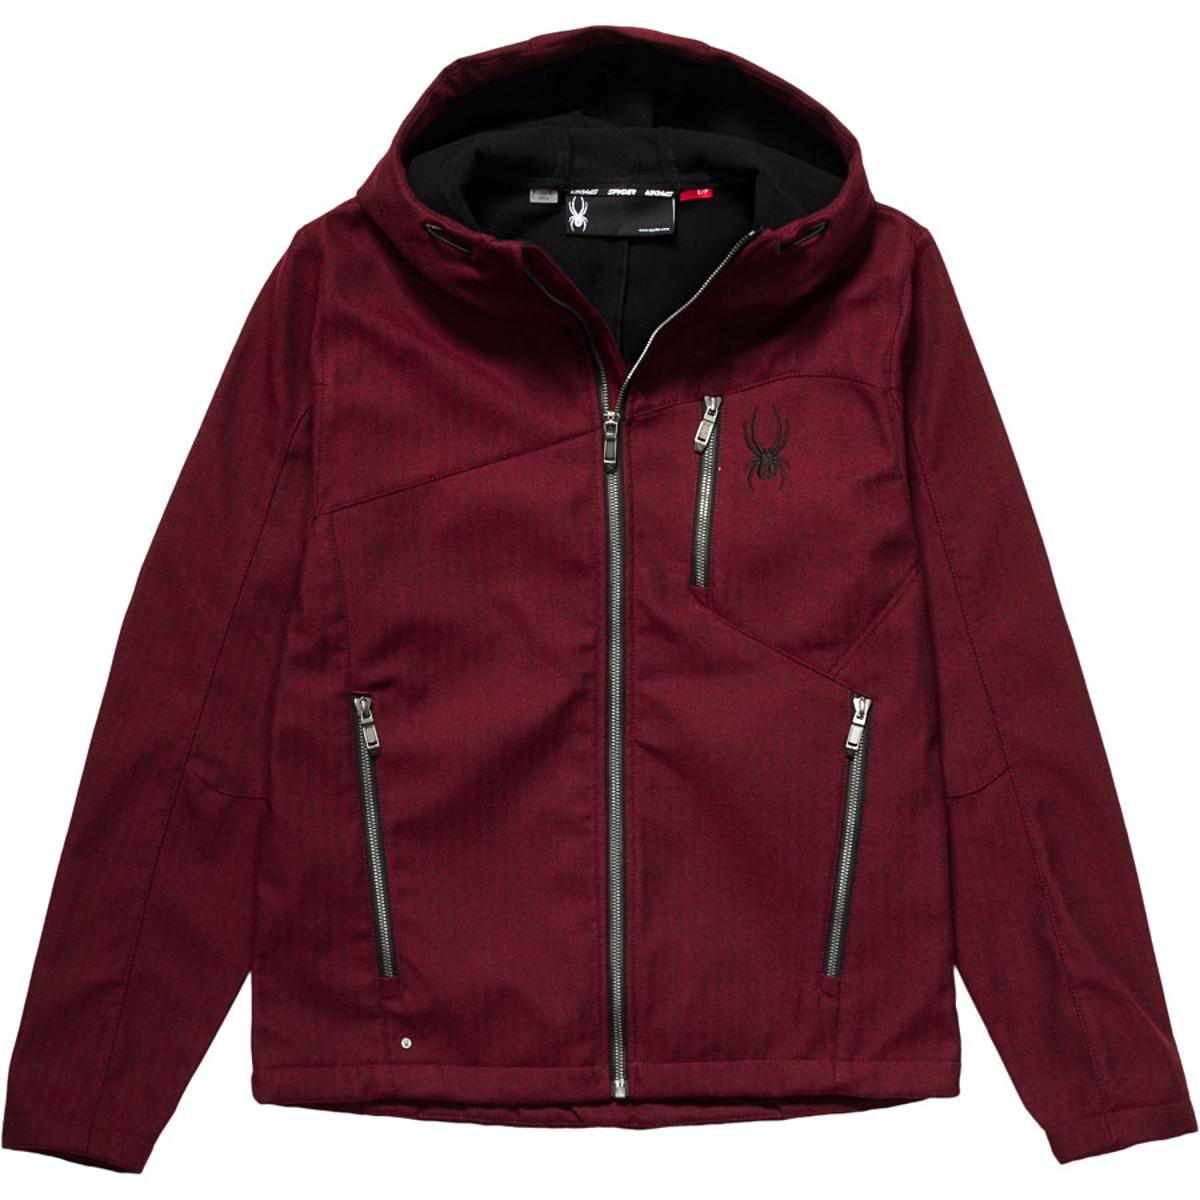 Spyder Patsch Novelty Hoody Soft Shell Jacket